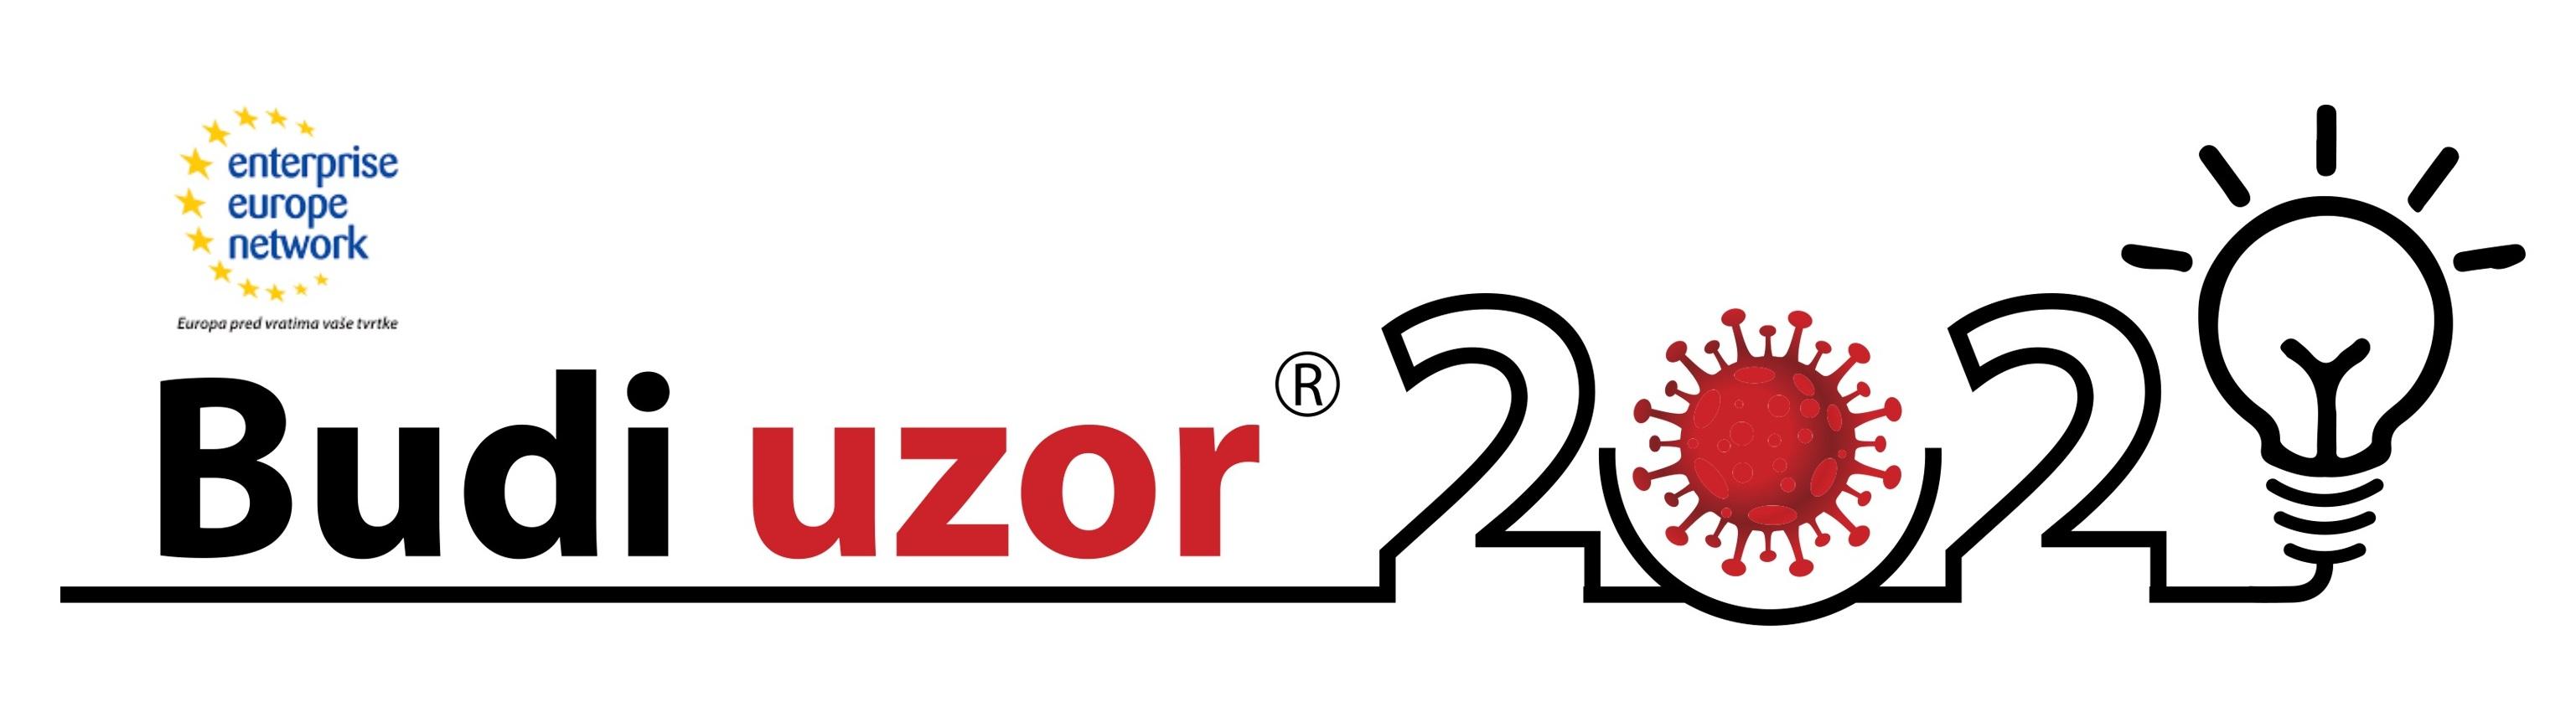 Budi-uzor-2020-logo_hrv-pozitiv